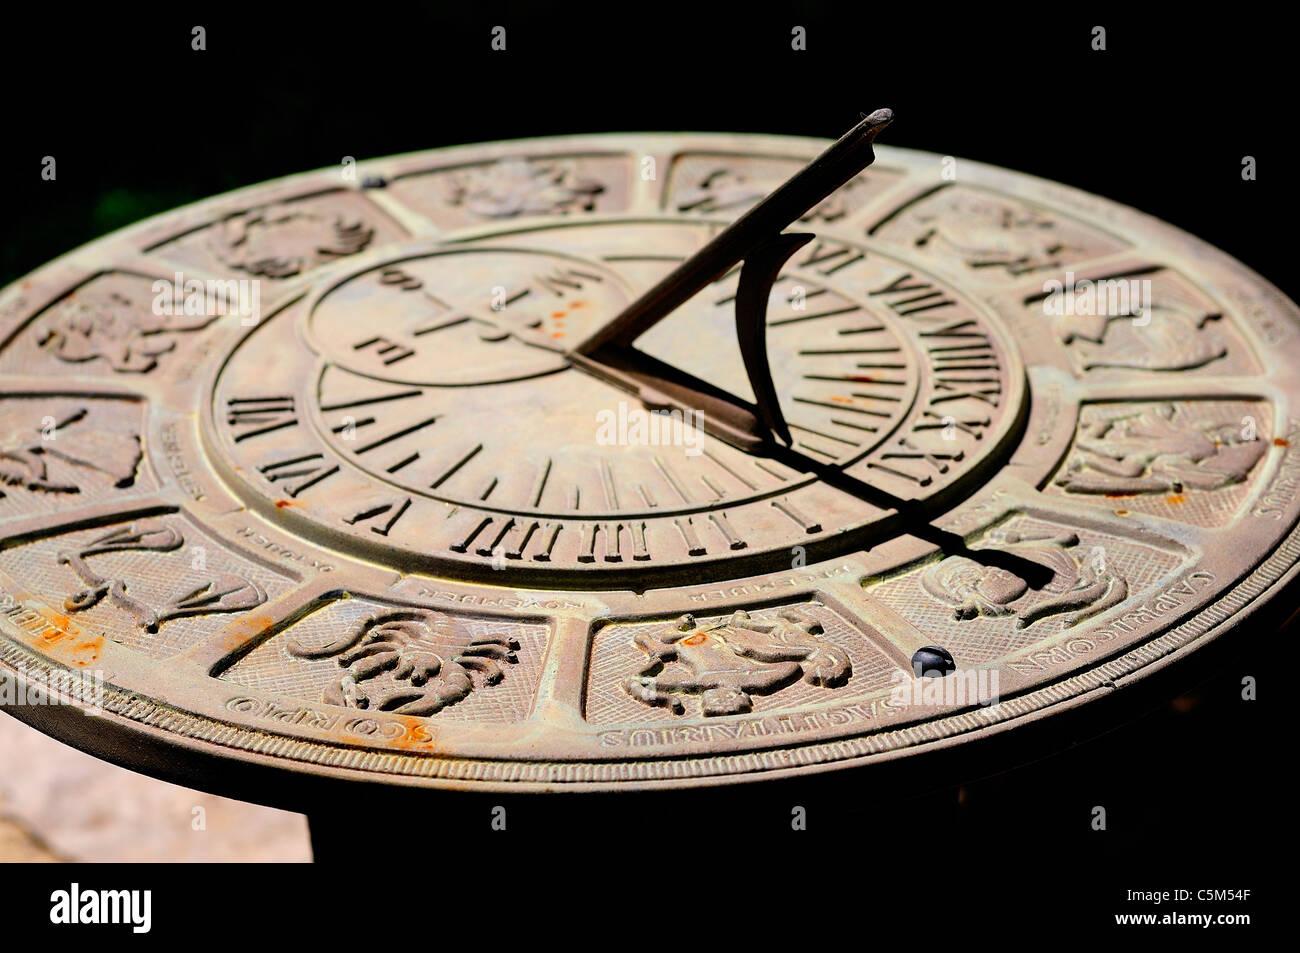 Orologio solare con segni zodiacali e figure che circonda il numero romano volte. Immagini Stock